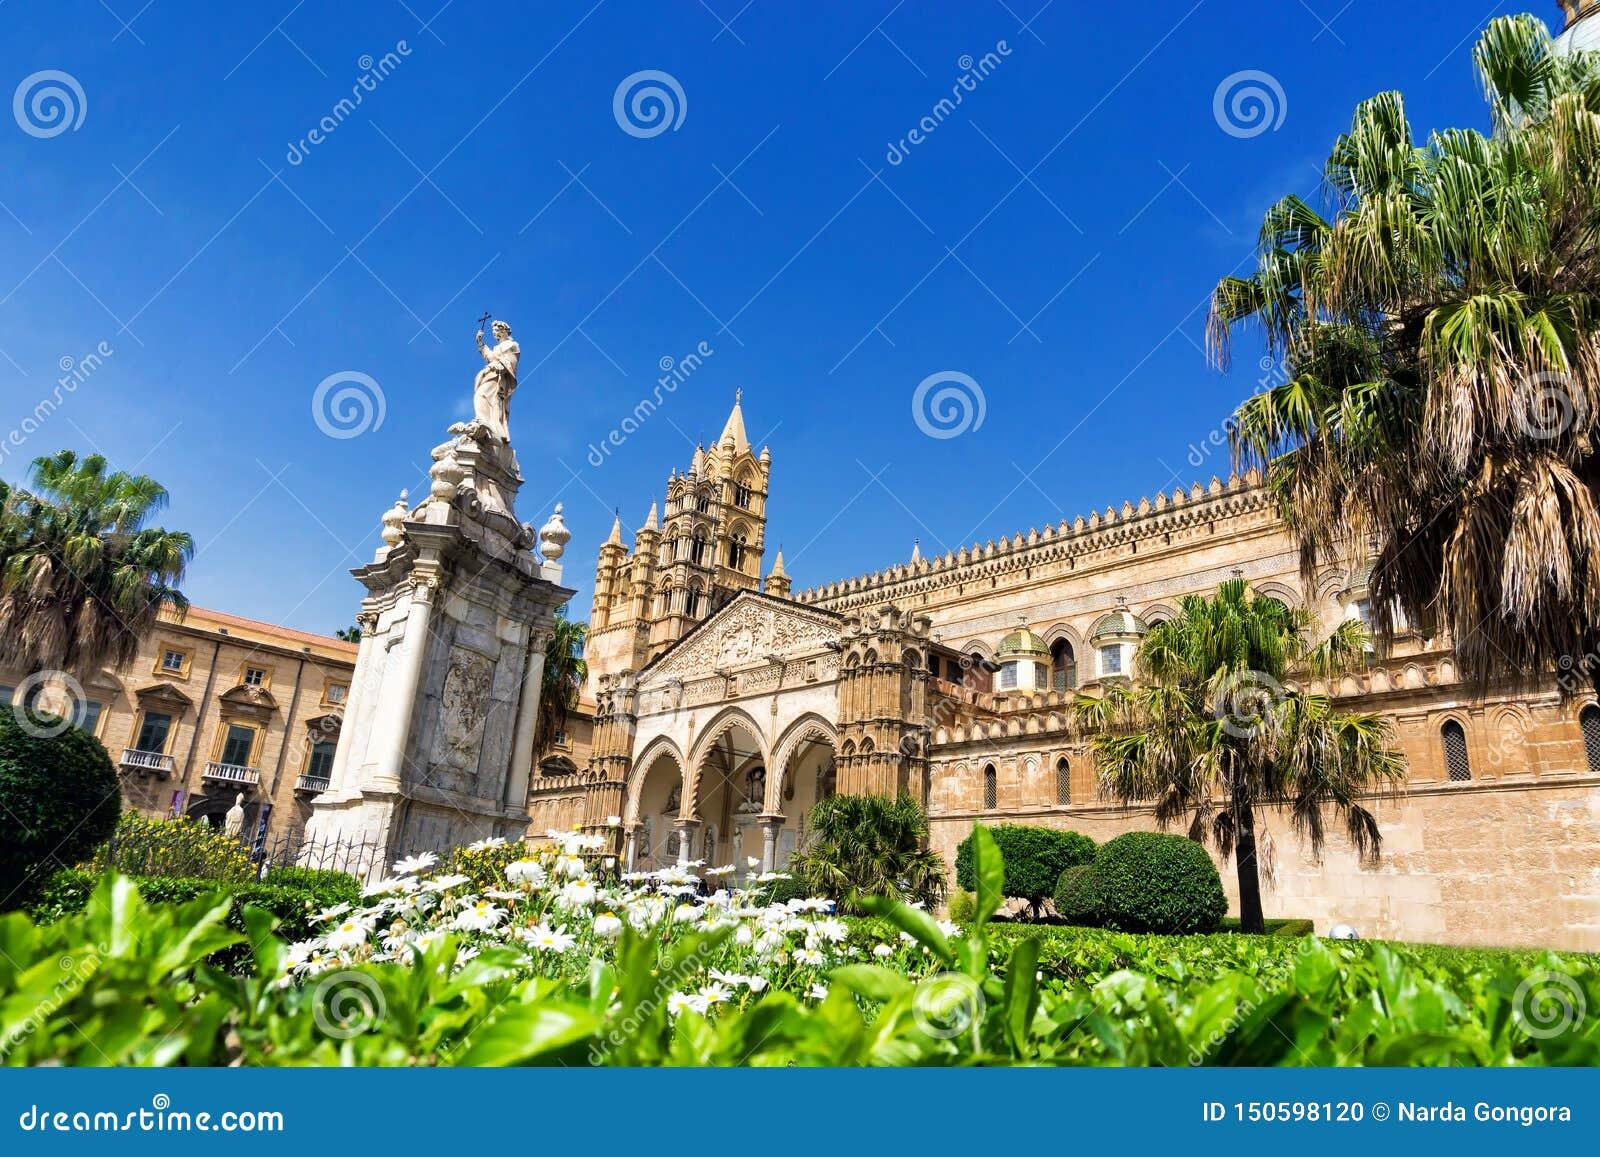 Palermo katedra Otaczająca drzewami i ogródem w Palermo, Włochy